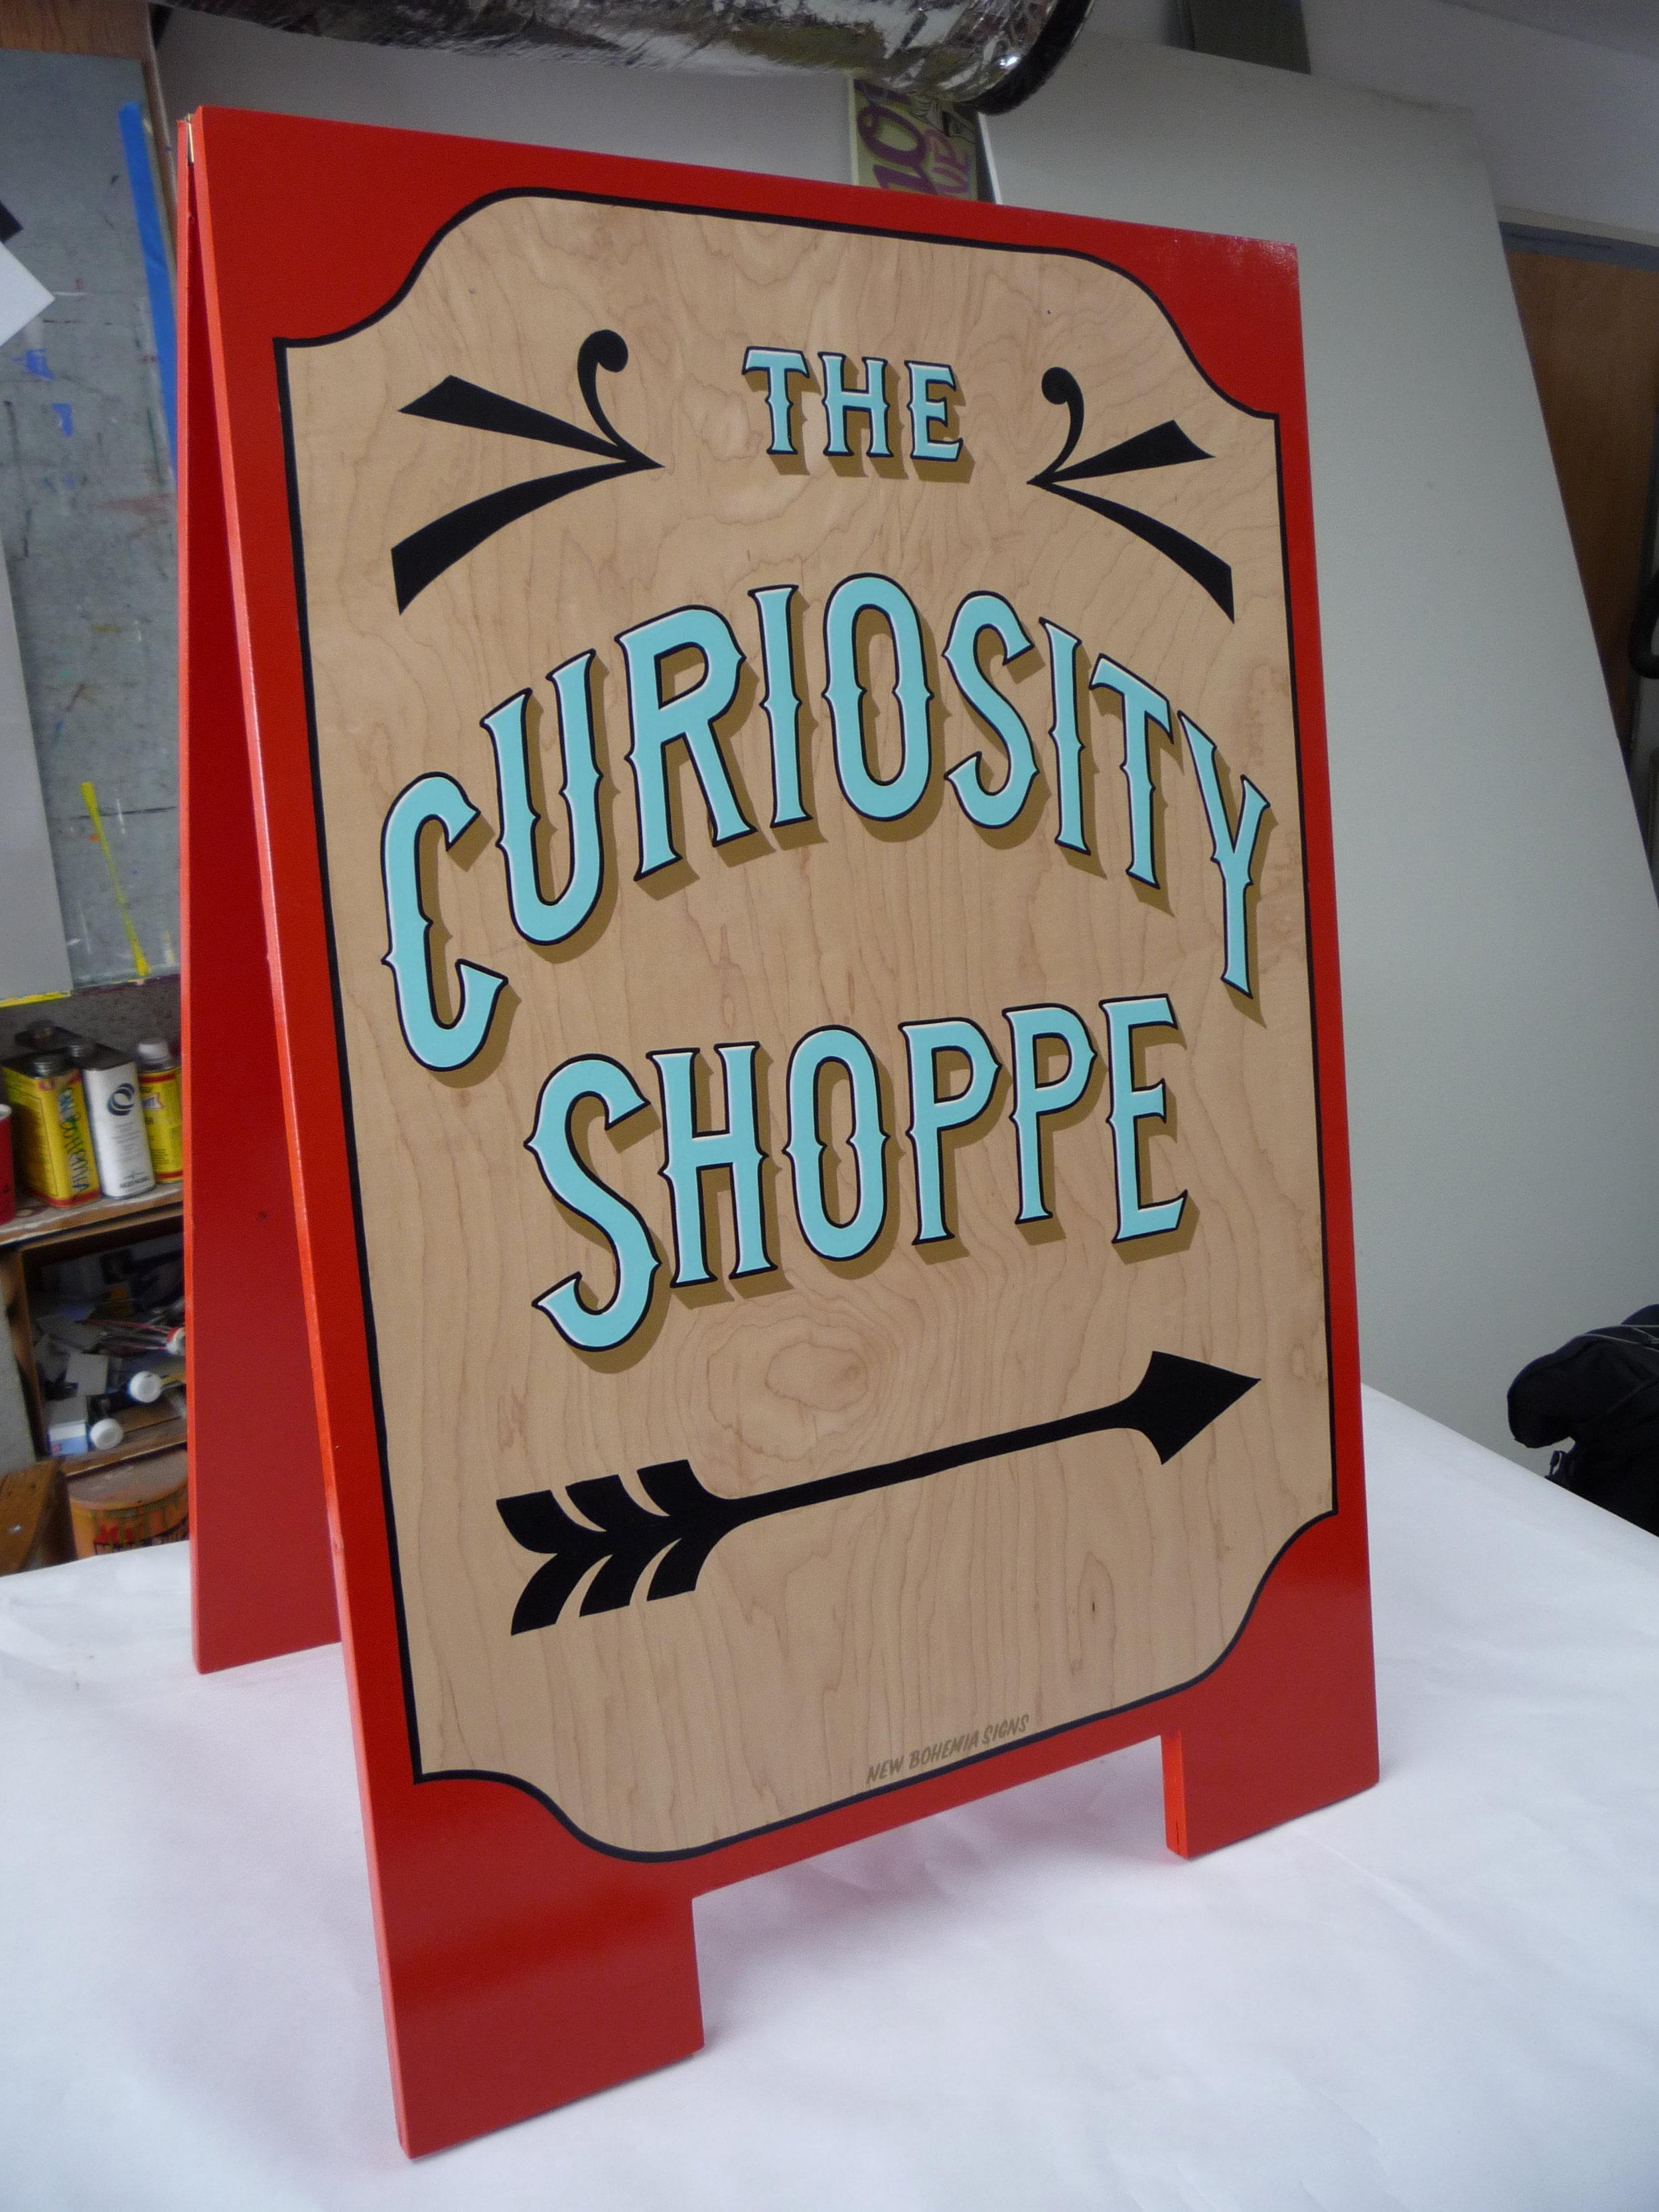 A-FRAME-the-curiosity-shoppe-sandwich-board-again_3131872232_o.jpg